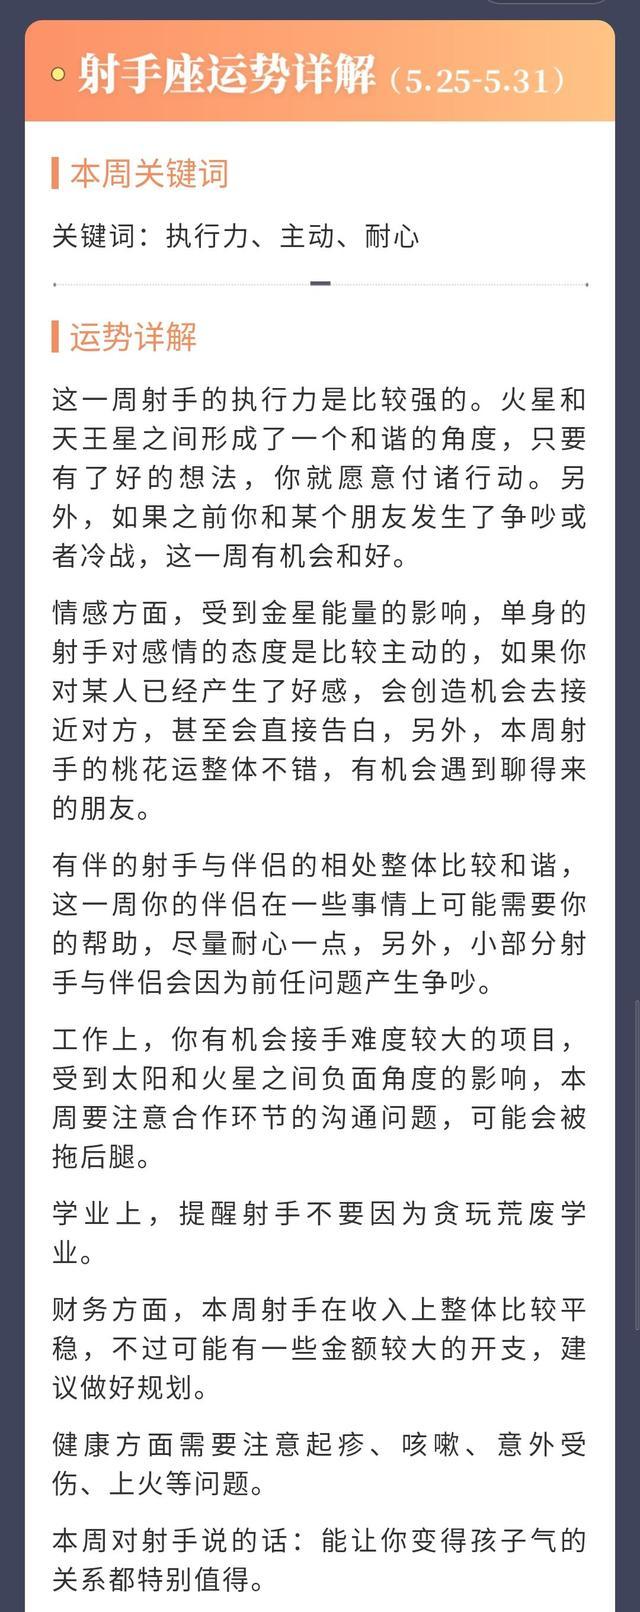 射手座运势详解(5.25-5.31)